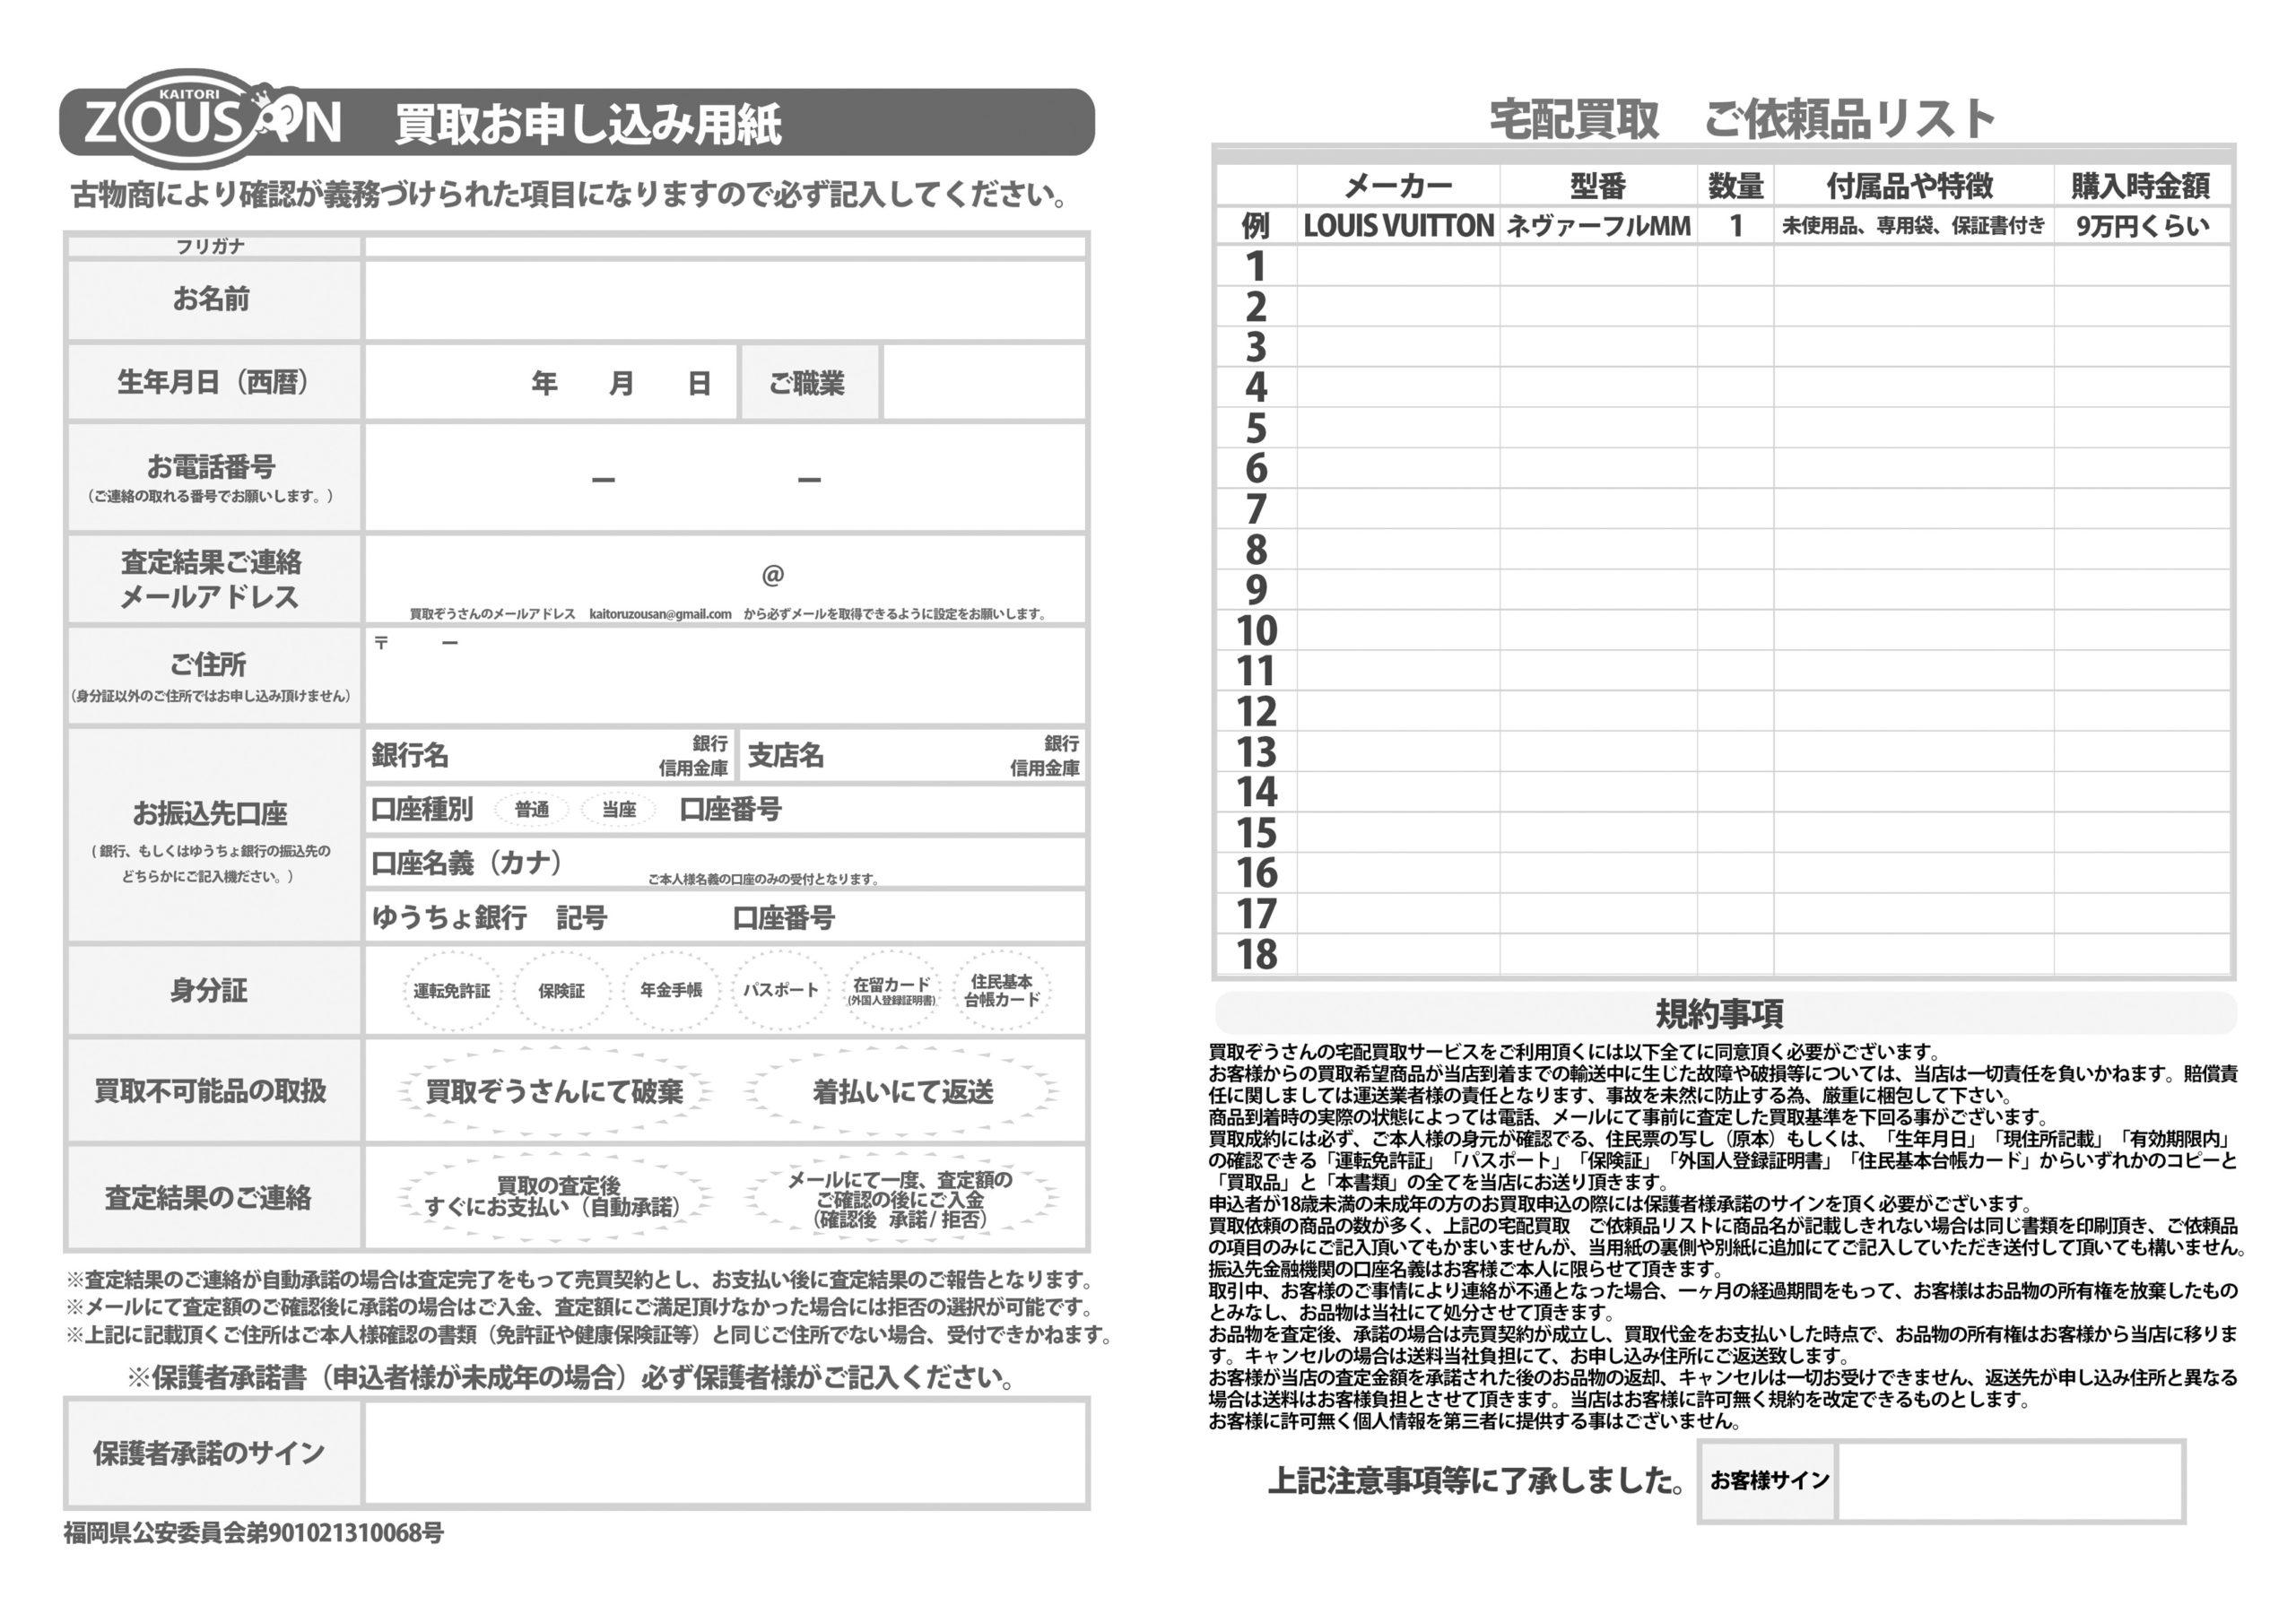 買取ぞうさんの宅配買取申込書JPEGダウンロード印刷可能書類